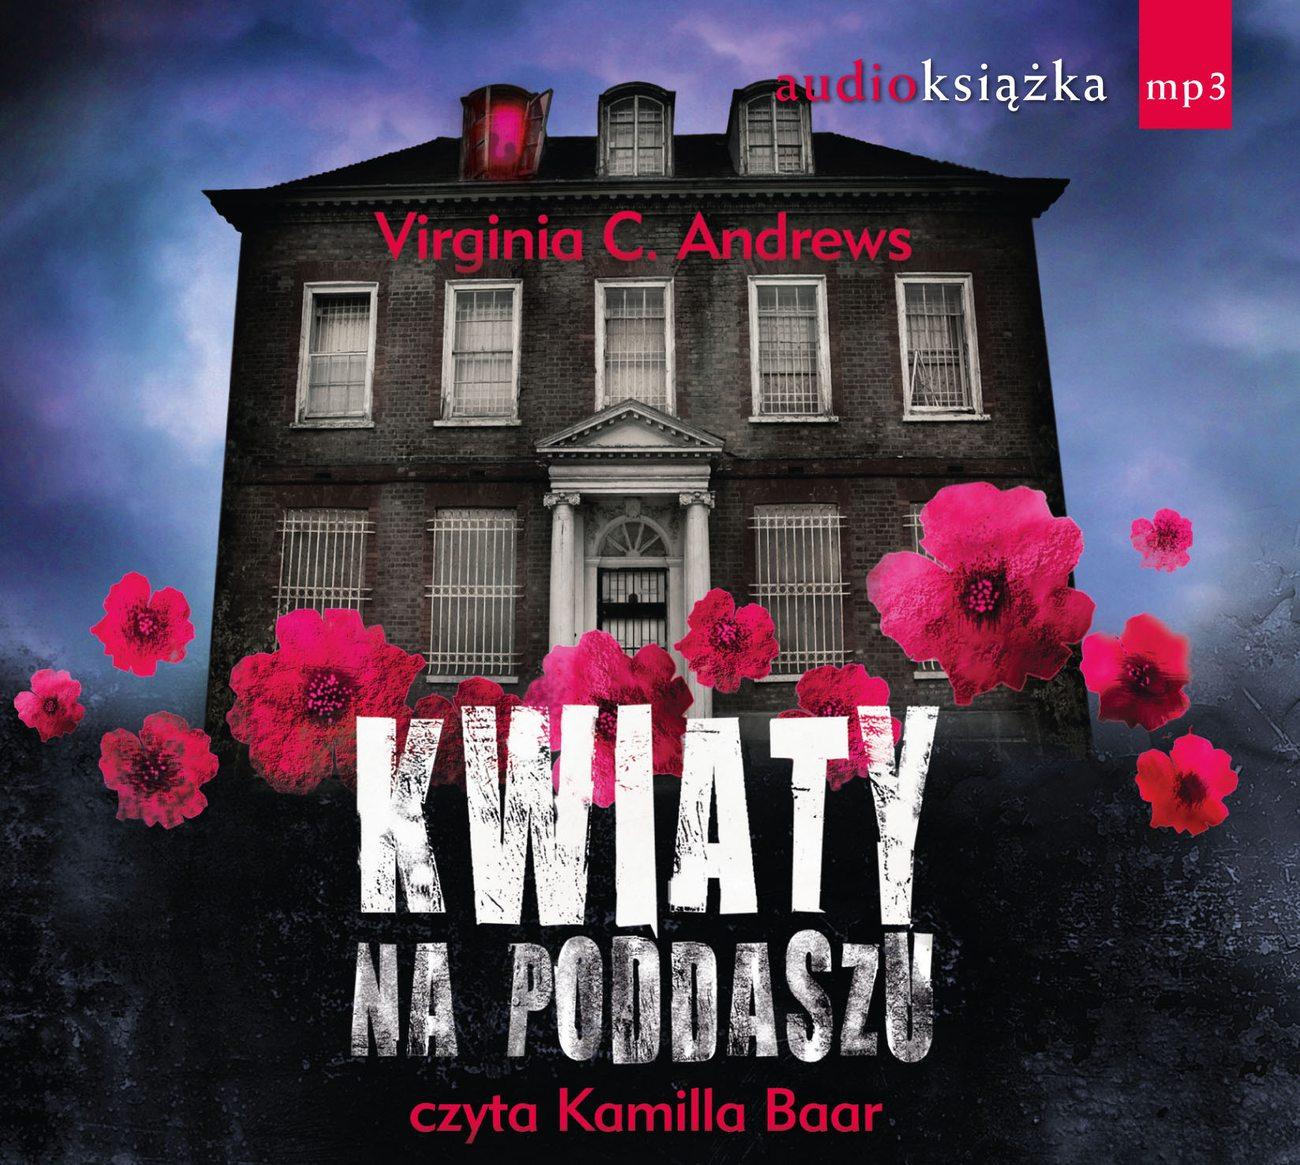 Audiobooki Online I Lektury Mp3 Sluchaj I Pobieraj Ksiazki Audio Kwiaty Na Poddaszu Virginia C Andrews Audiobook Swiat Ksiazki